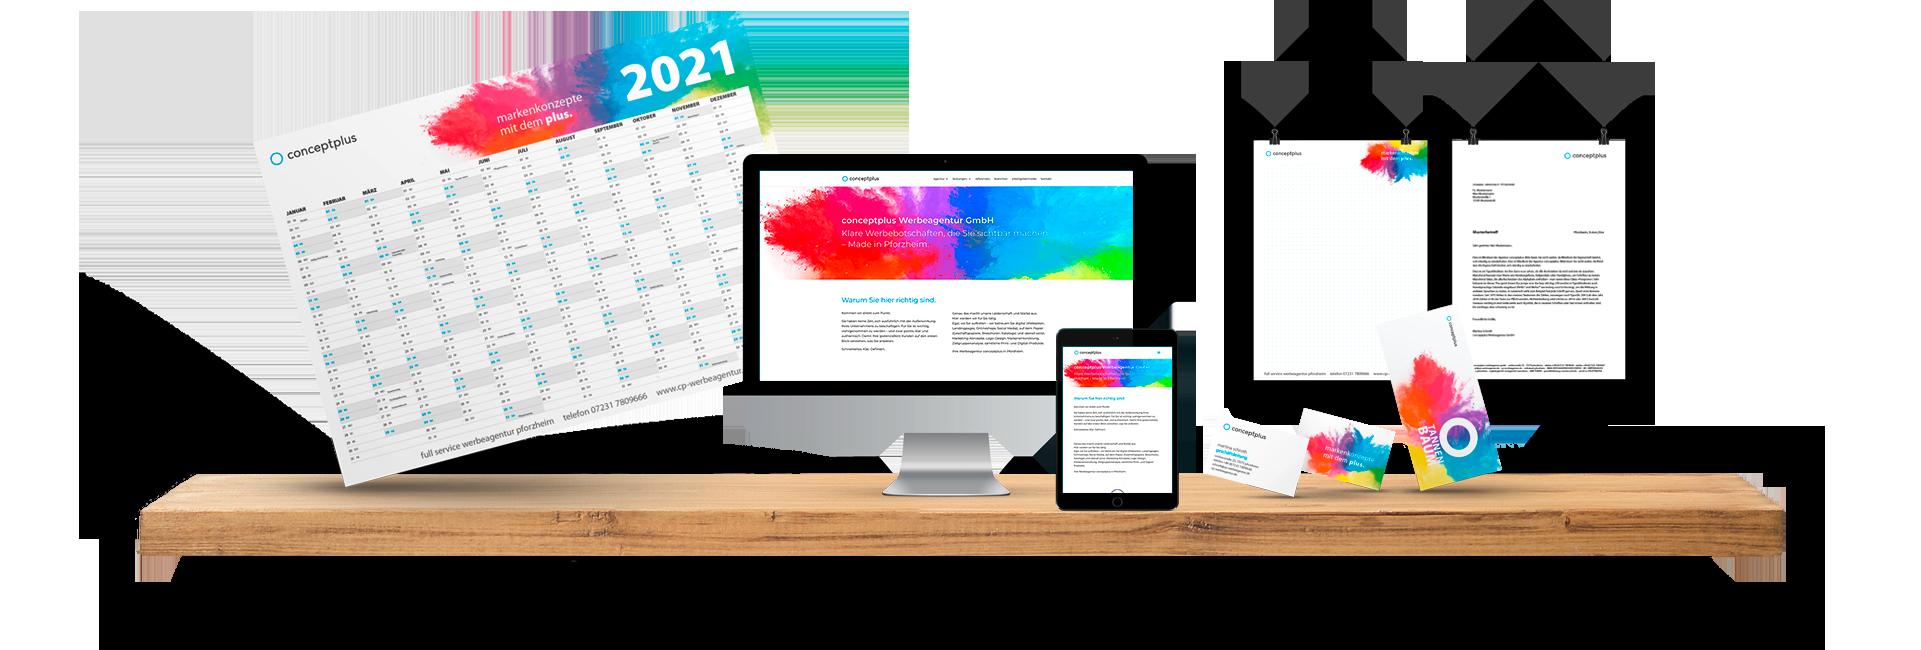 Werbeagentur conceptplus